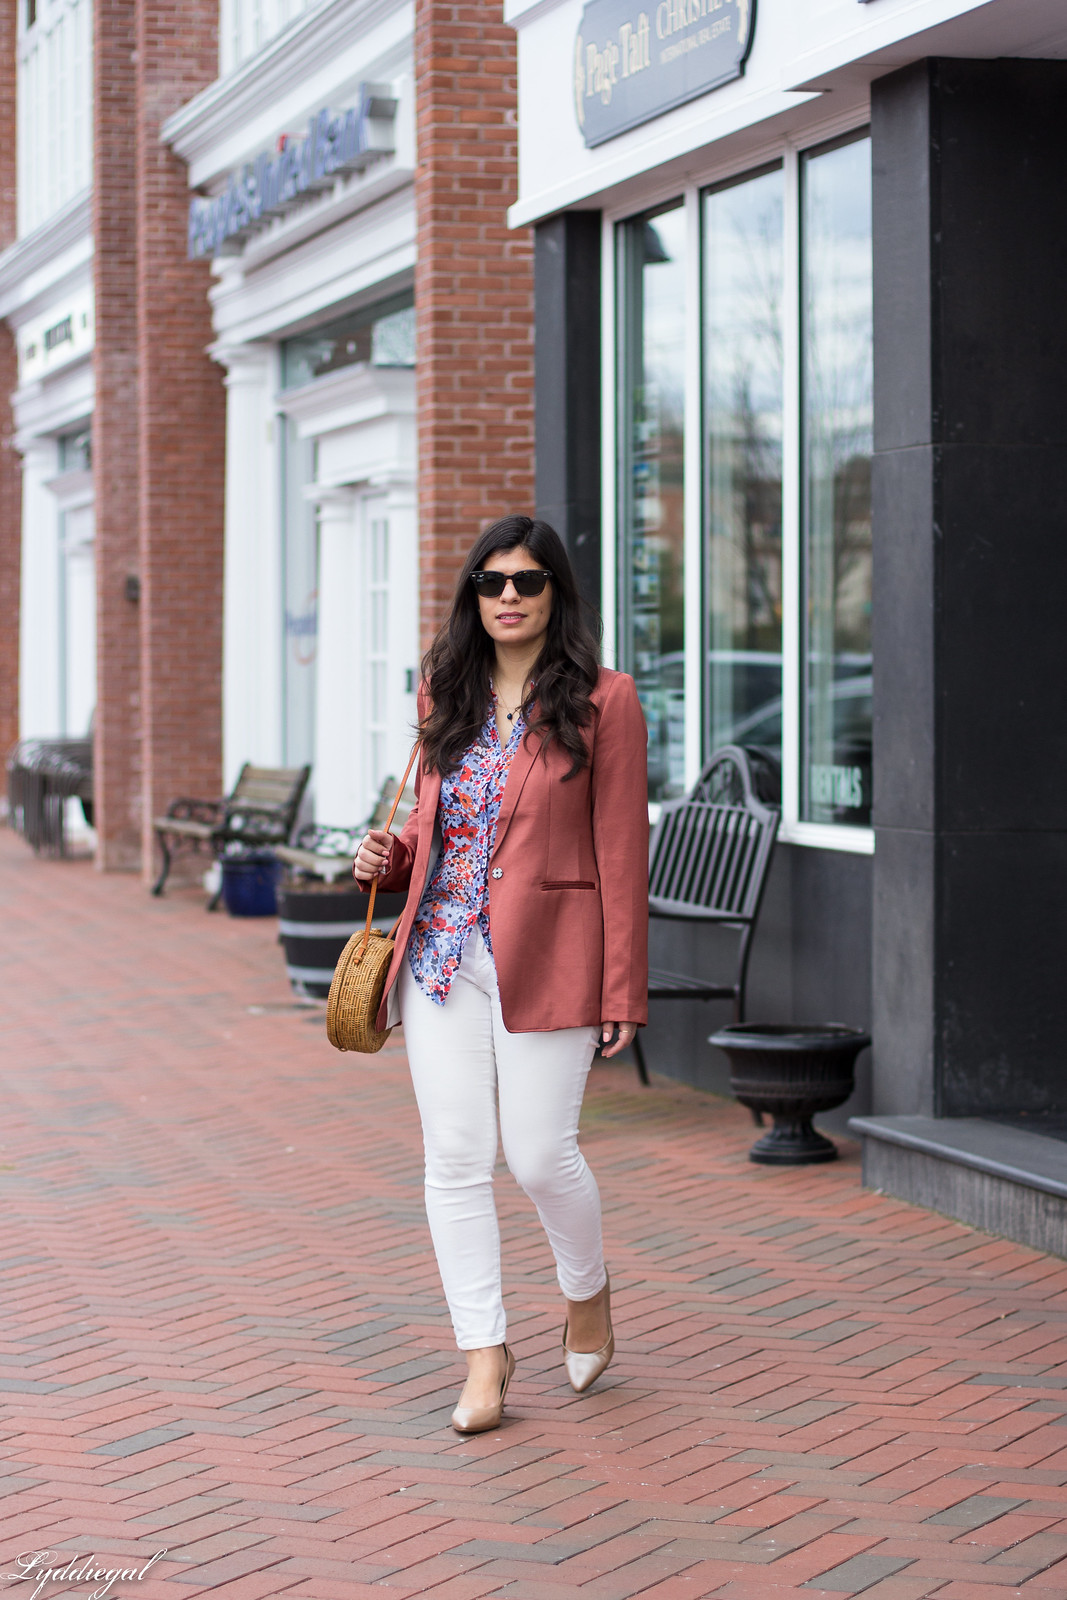 Rust Silk Blazer, Floral Blouse, White Jeans, Round Straw Bag-14.jpg